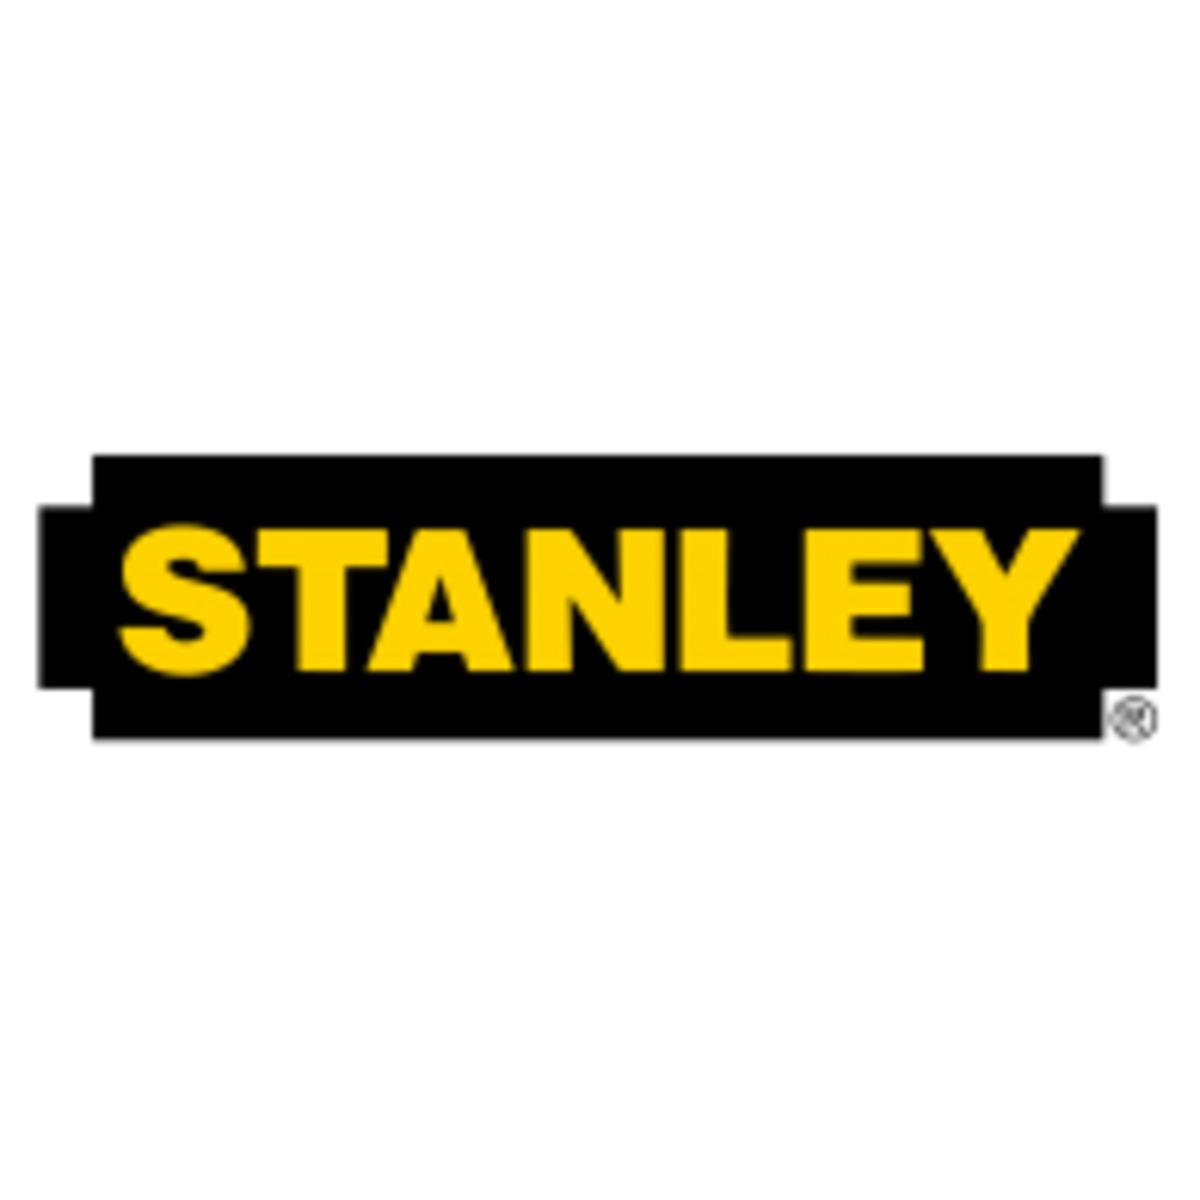 Bild 2 von Stanley Benzin-Rasenmäher SLM-139-460 SP6 in 1, selbstfahrend